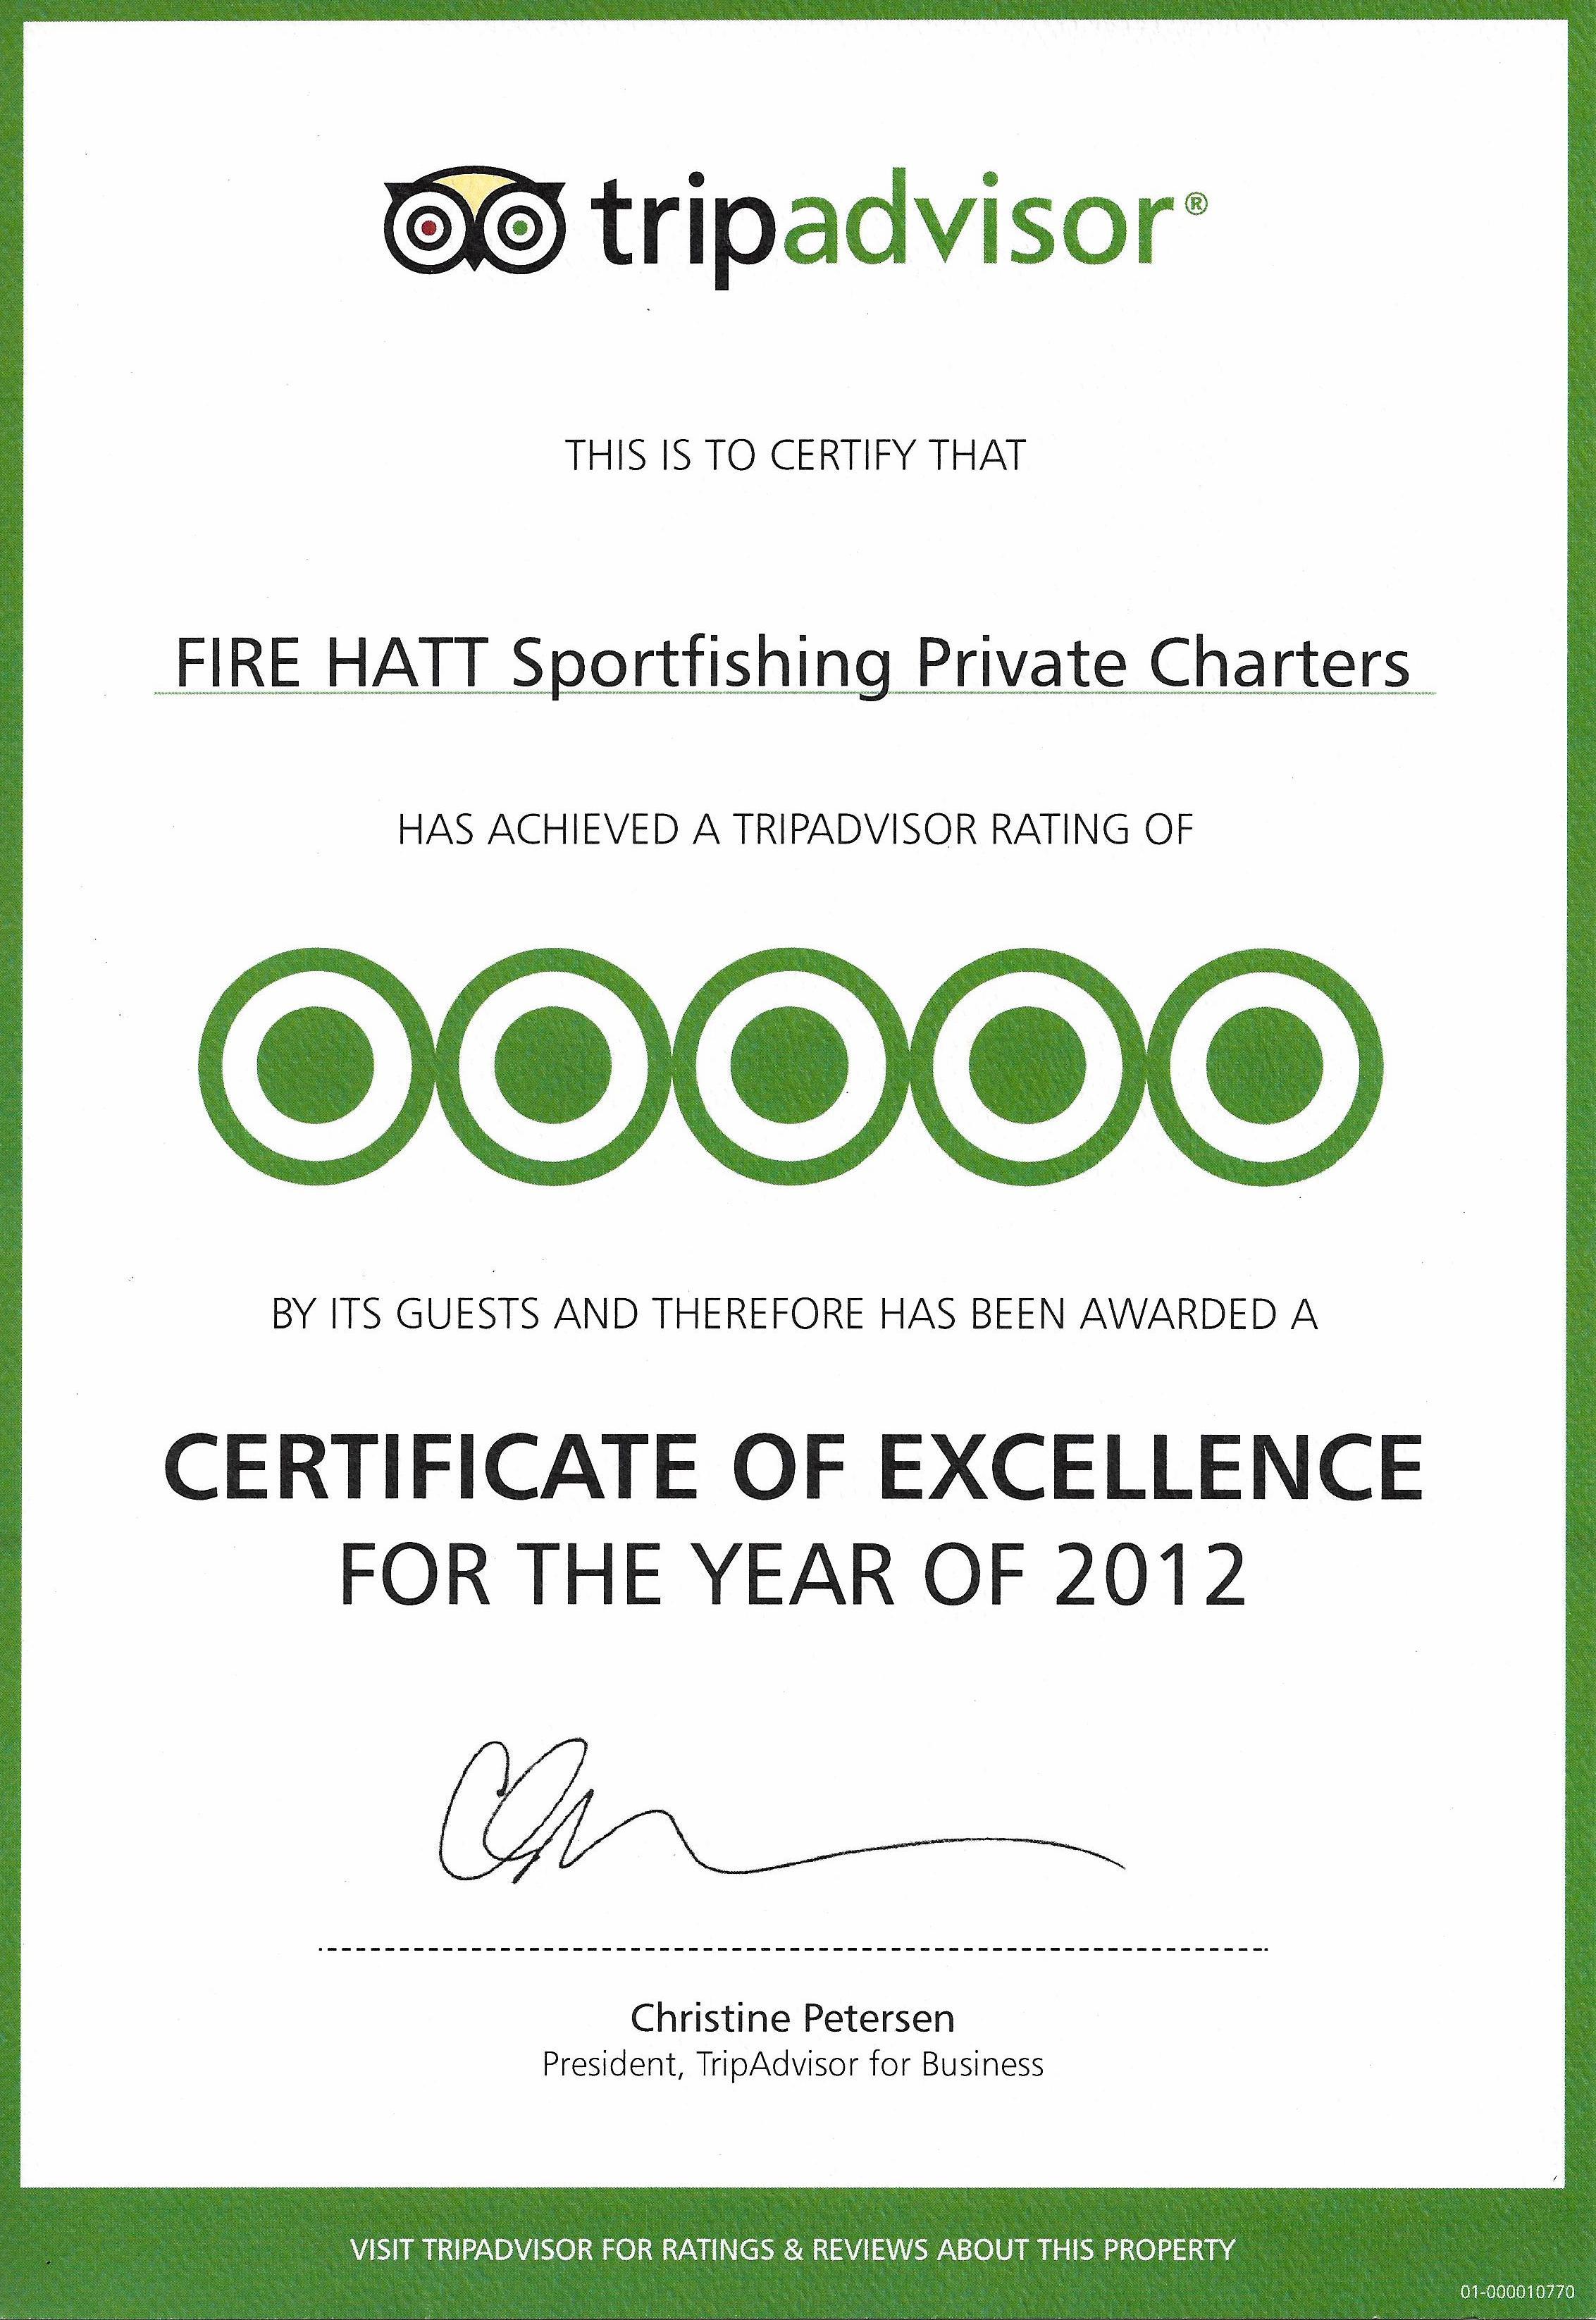 Trip Advisor Certificate Of Excellence Award For Fire Hatt